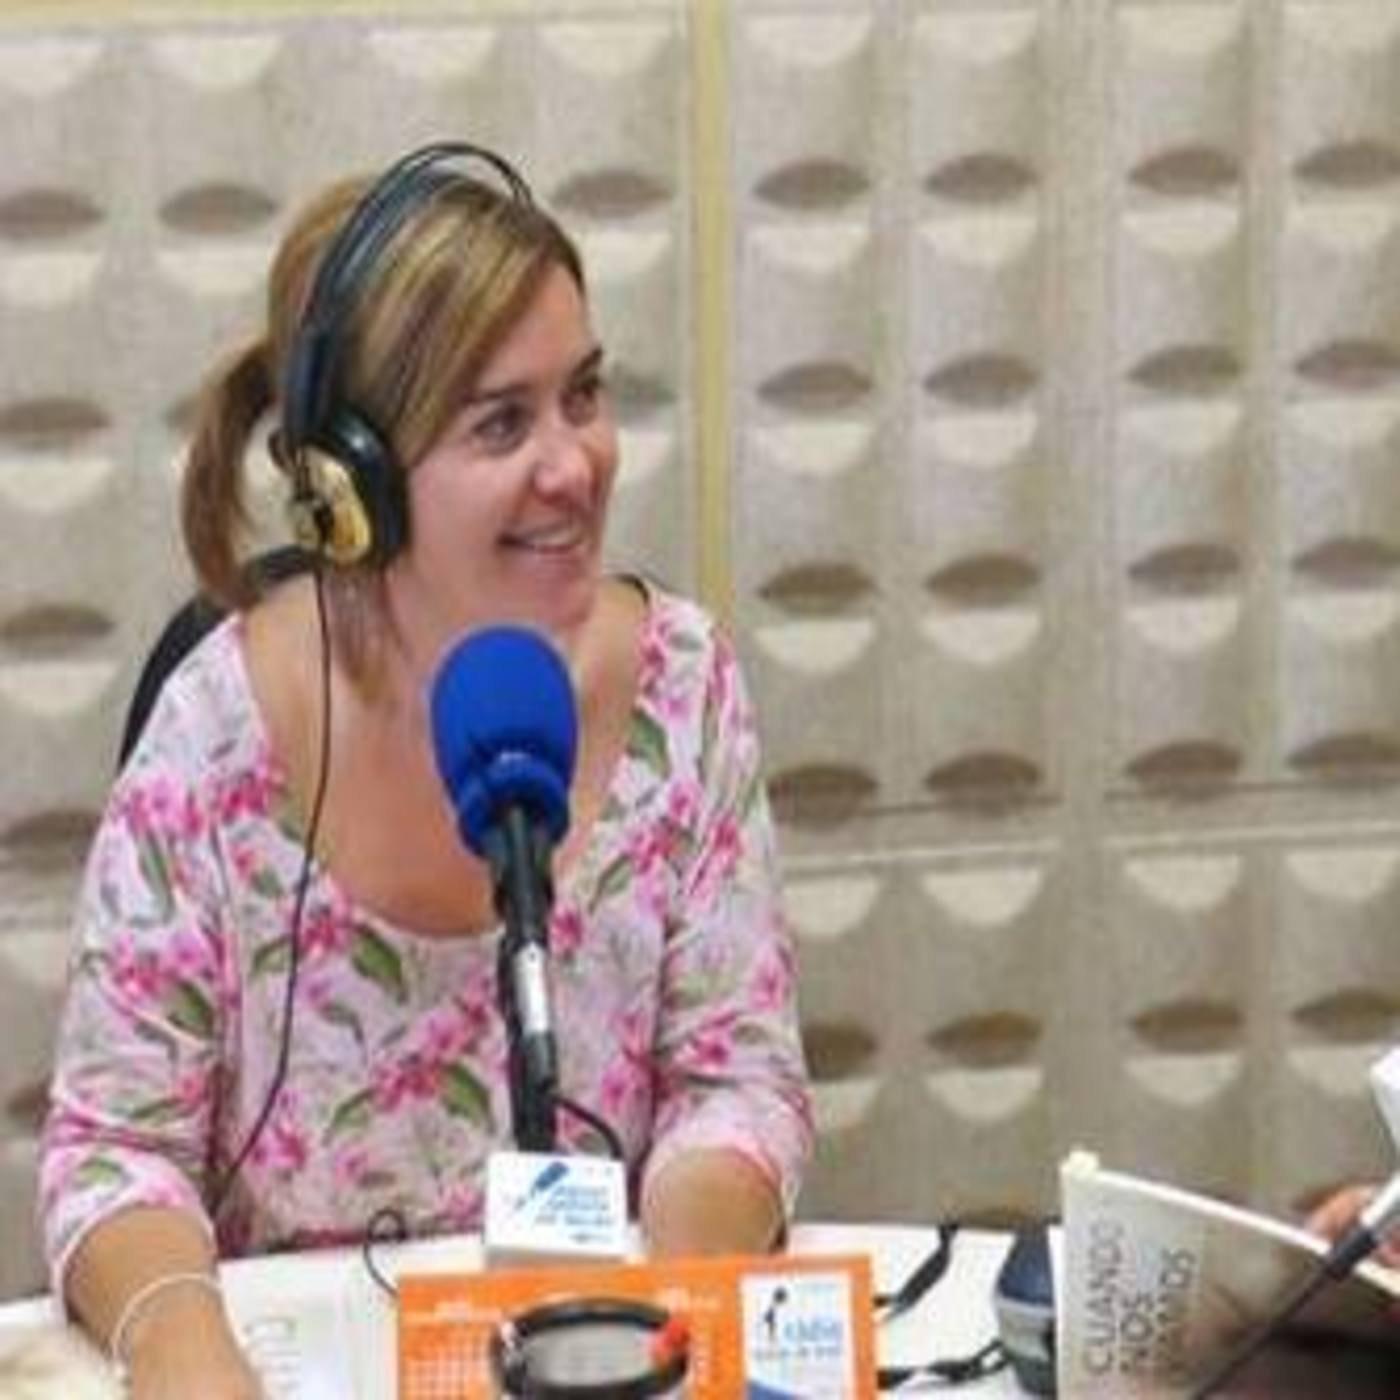 Entrevista a marta encuentra sobre l'obesitat infantil en